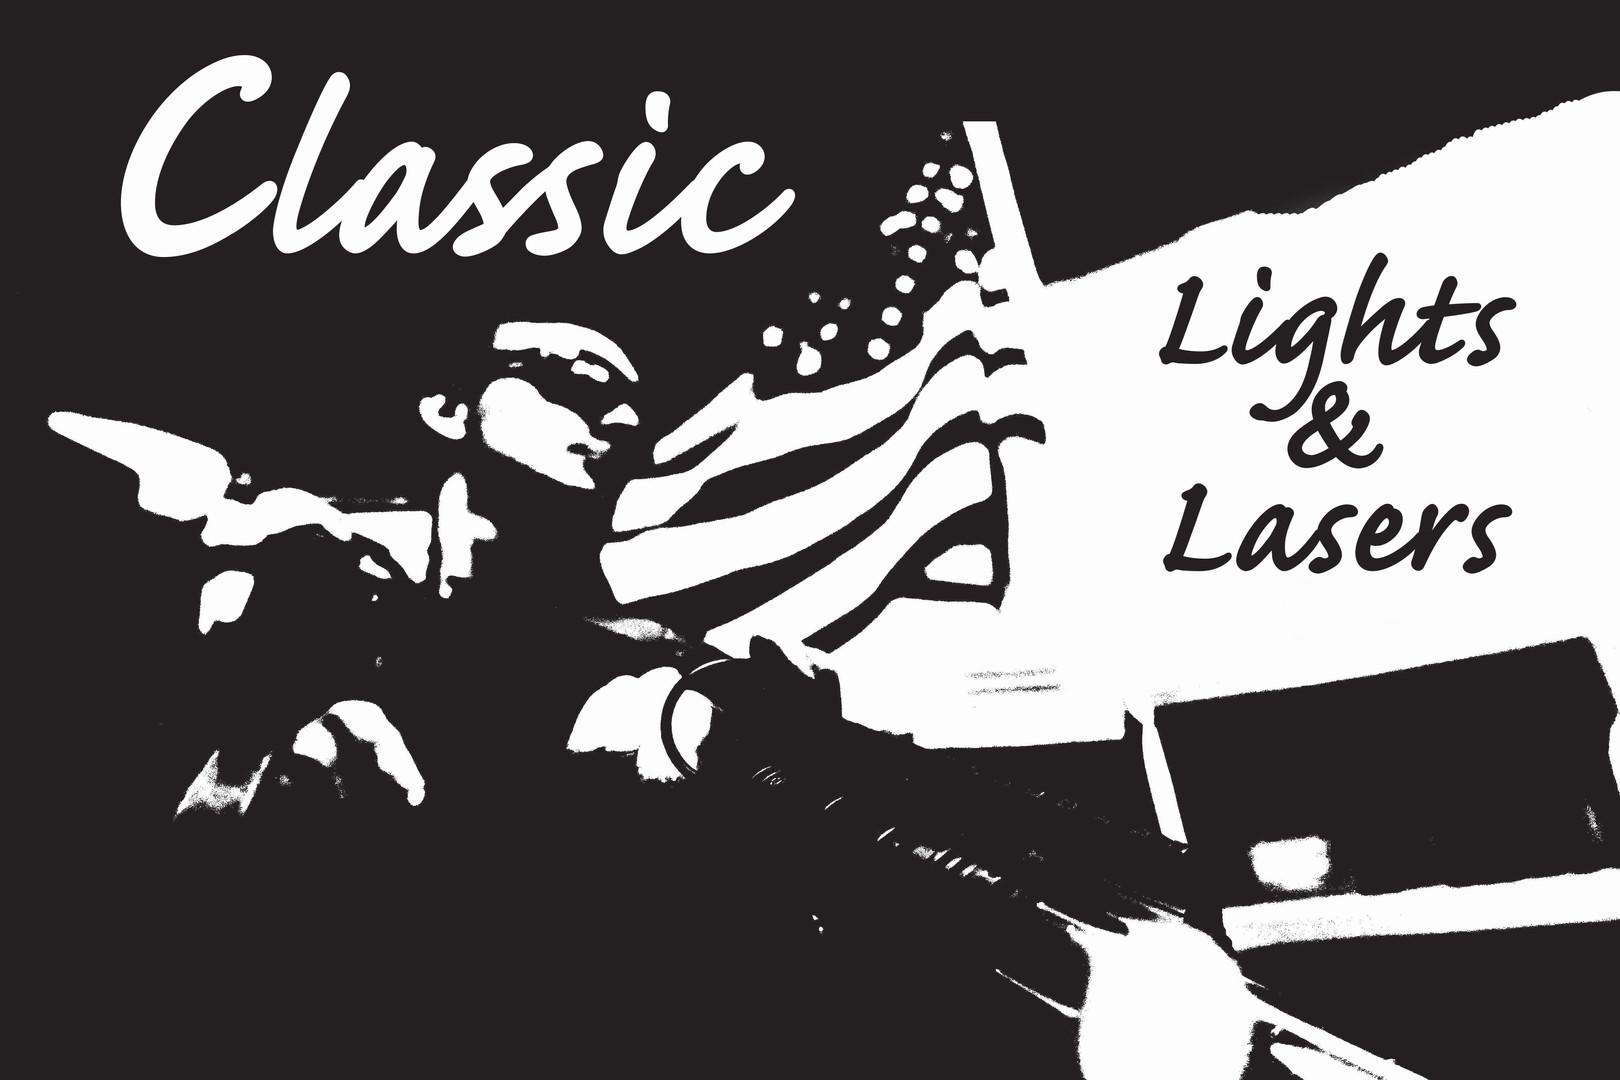 Classic Lights